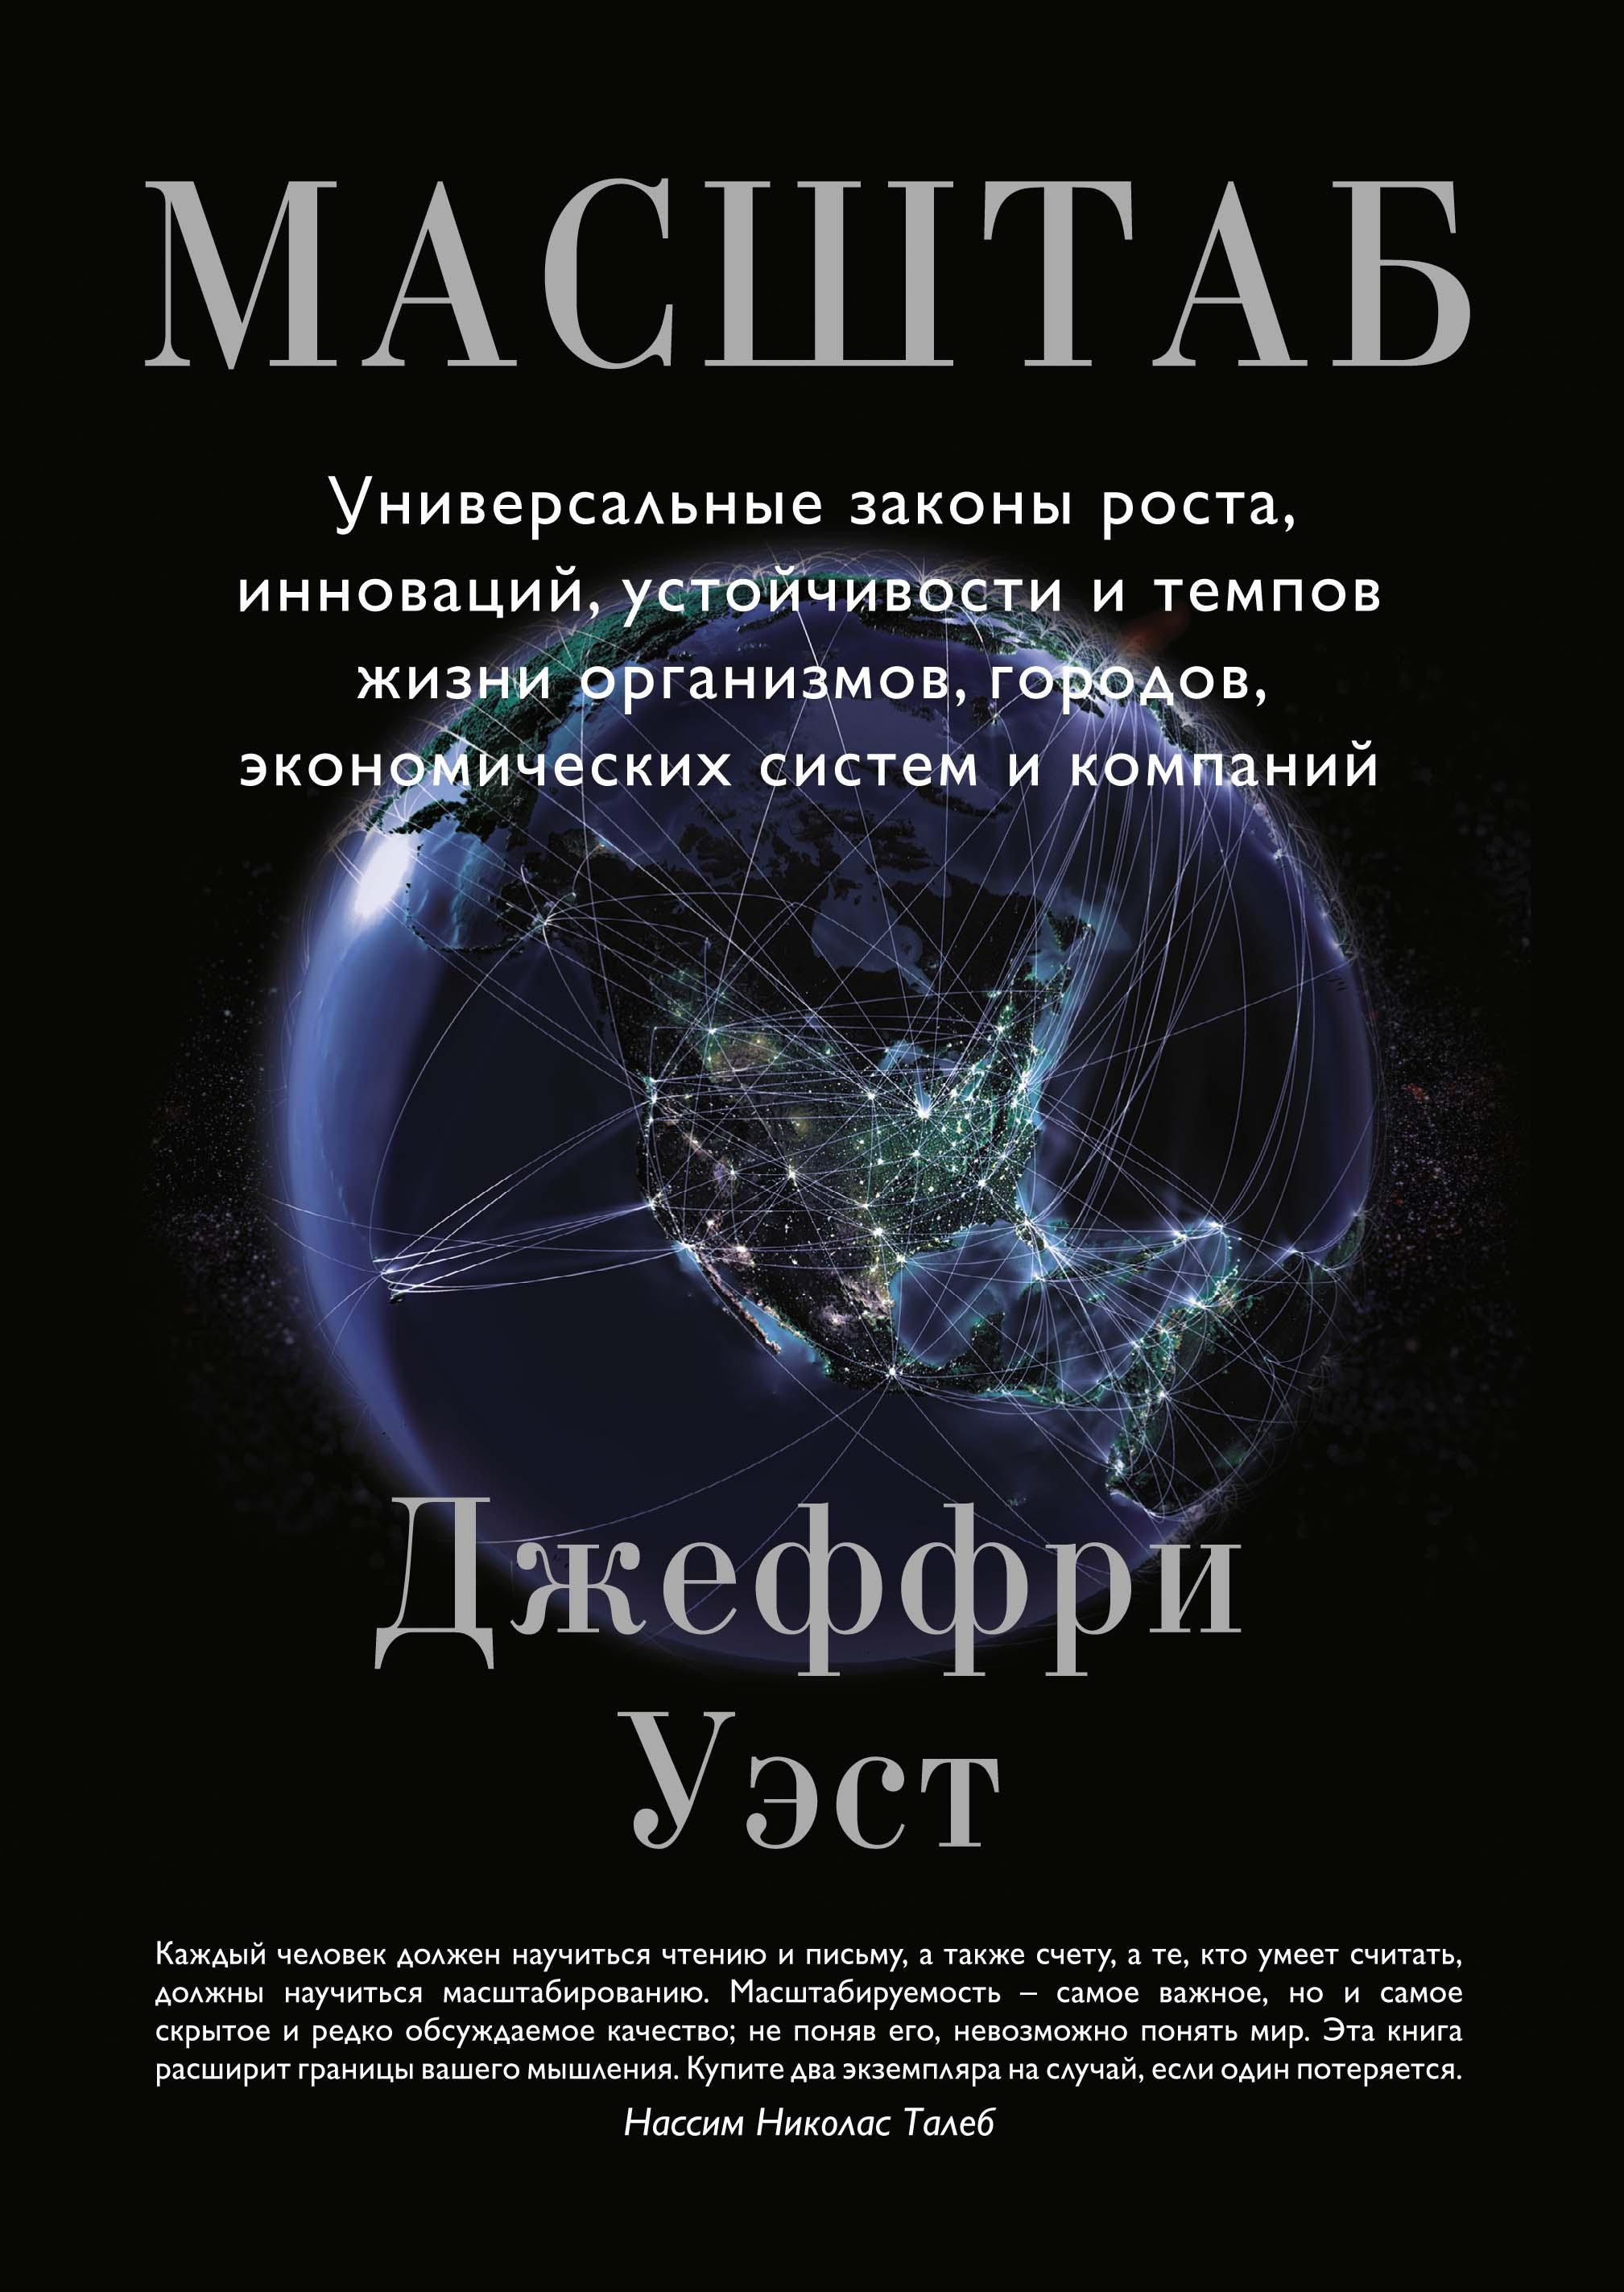 Масштаб. Универсальные законы роста, инноваций, устойчивости и темпов жизни организмов, городов, экономических систем и компаний